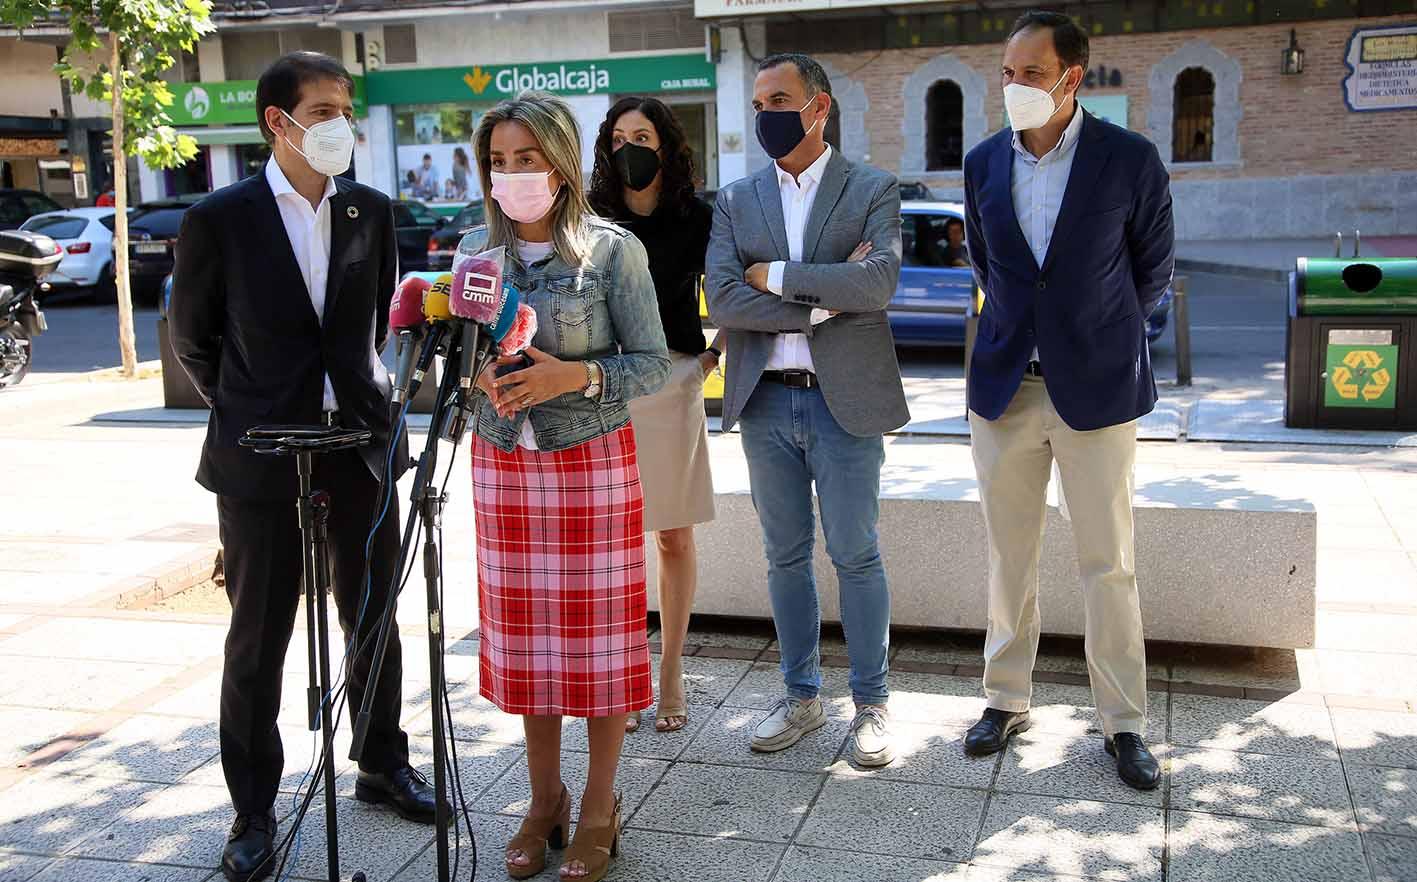 Presentación de sisteme de recompensa por reciclaje en Toledo